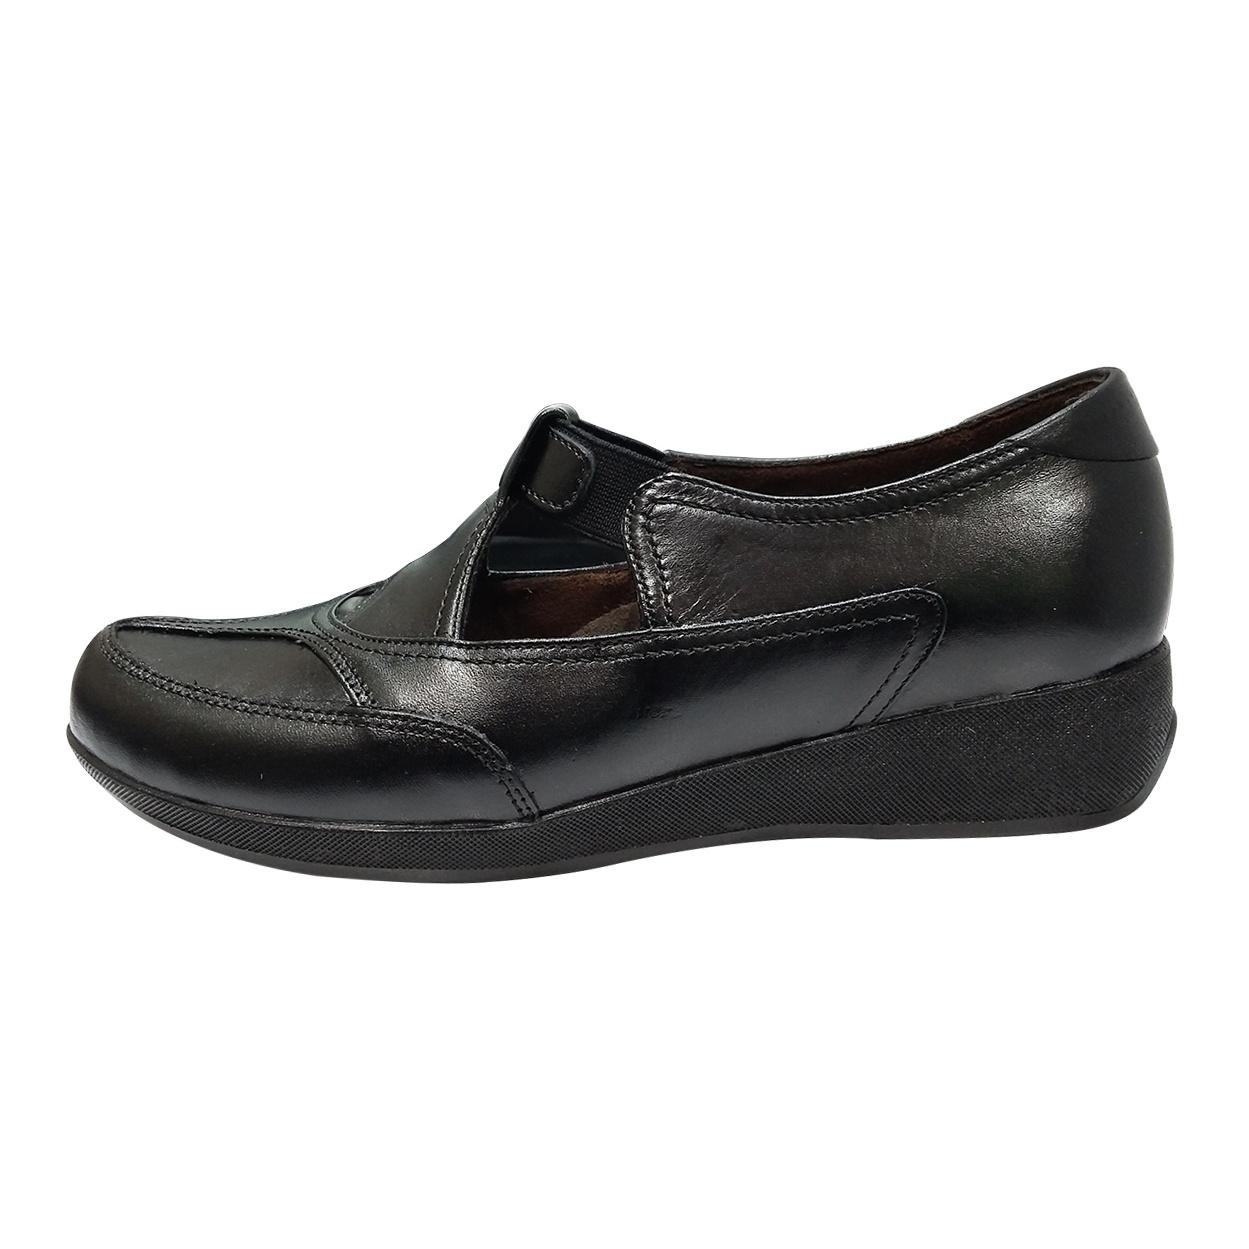 خرید                      کفش روزمره زنانه روشن مدل 207 کد 01